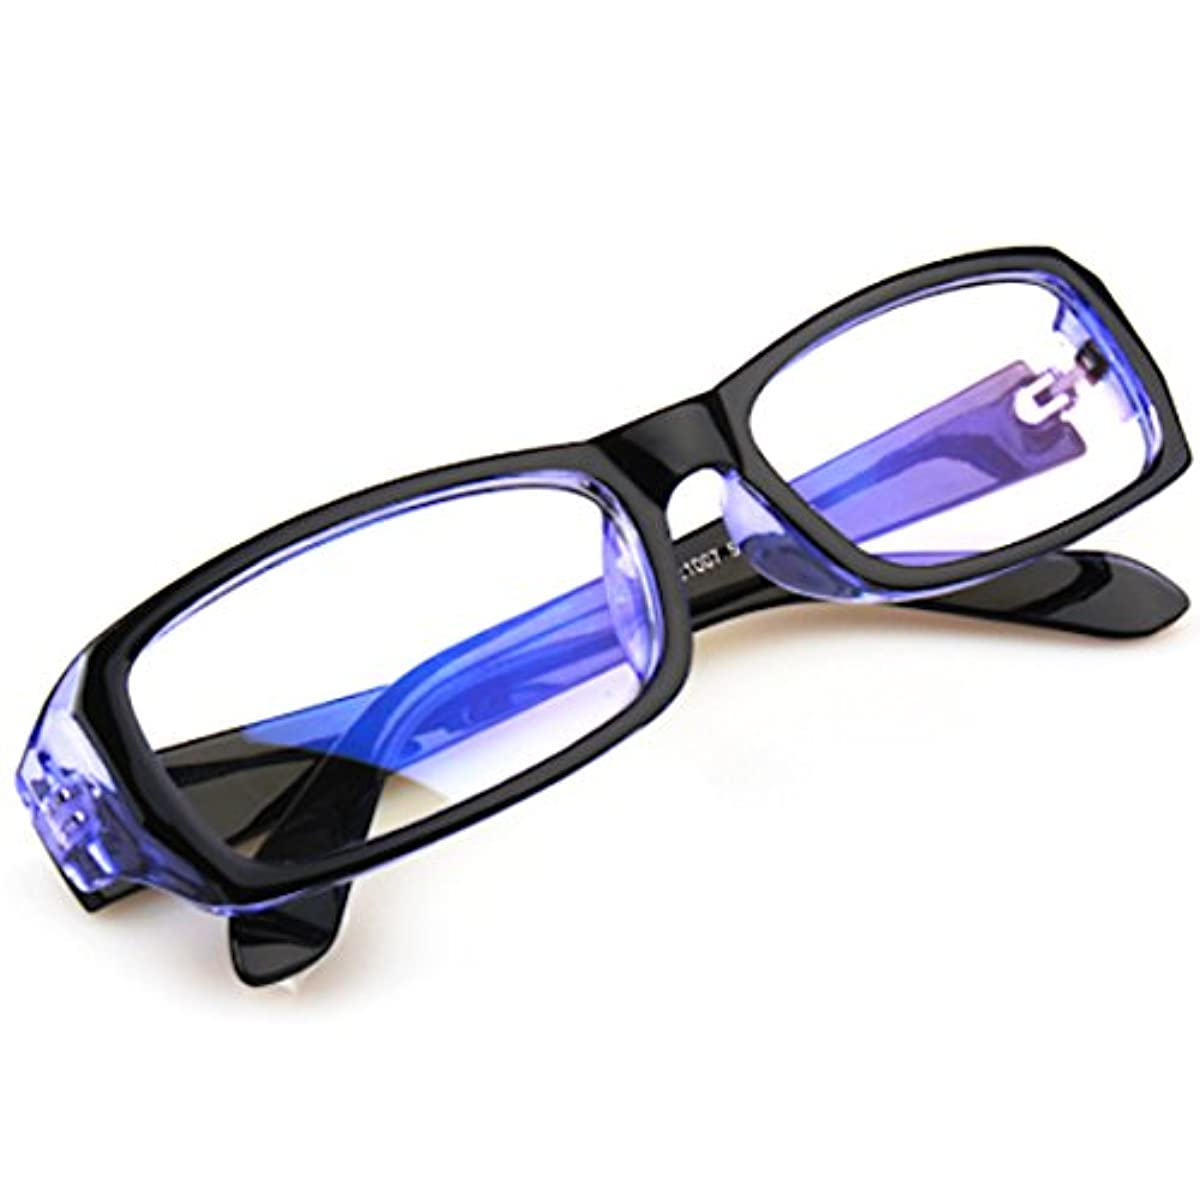 [해외] FREESE 다테 안경 블루 라이트 컷 PC안경 디자이너스 패션 멋으로 쓰는도수 없는 안경 맨즈 블랙인연 스퀘어 【후쿠온카발의 안경 브랜드FREESE】